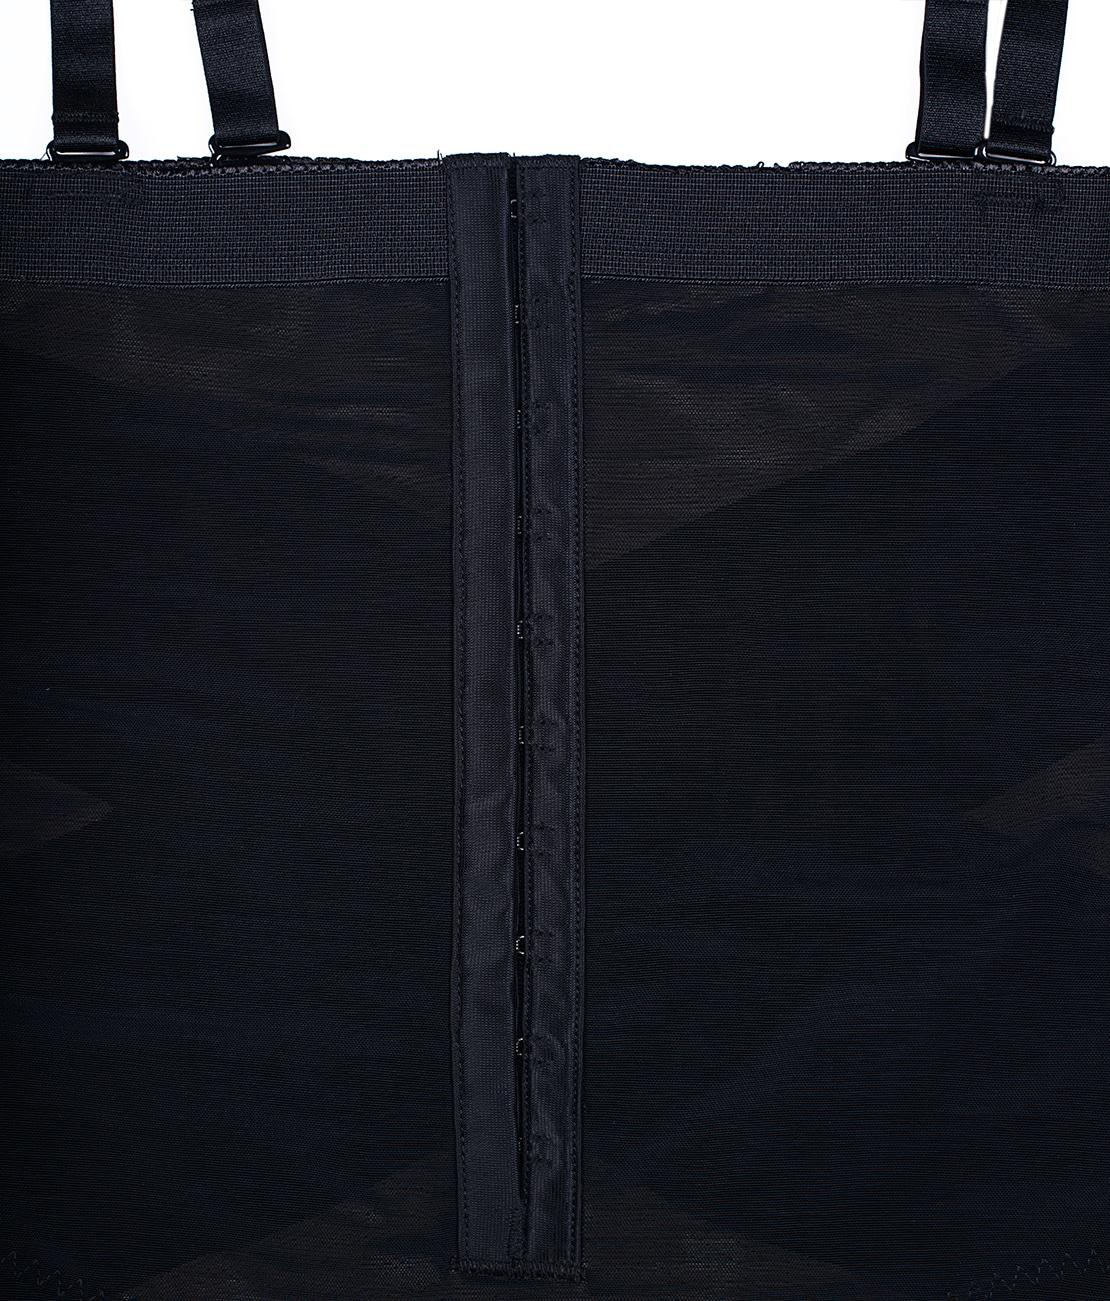 Le Panty Noir Transparent Packshot Detail 6